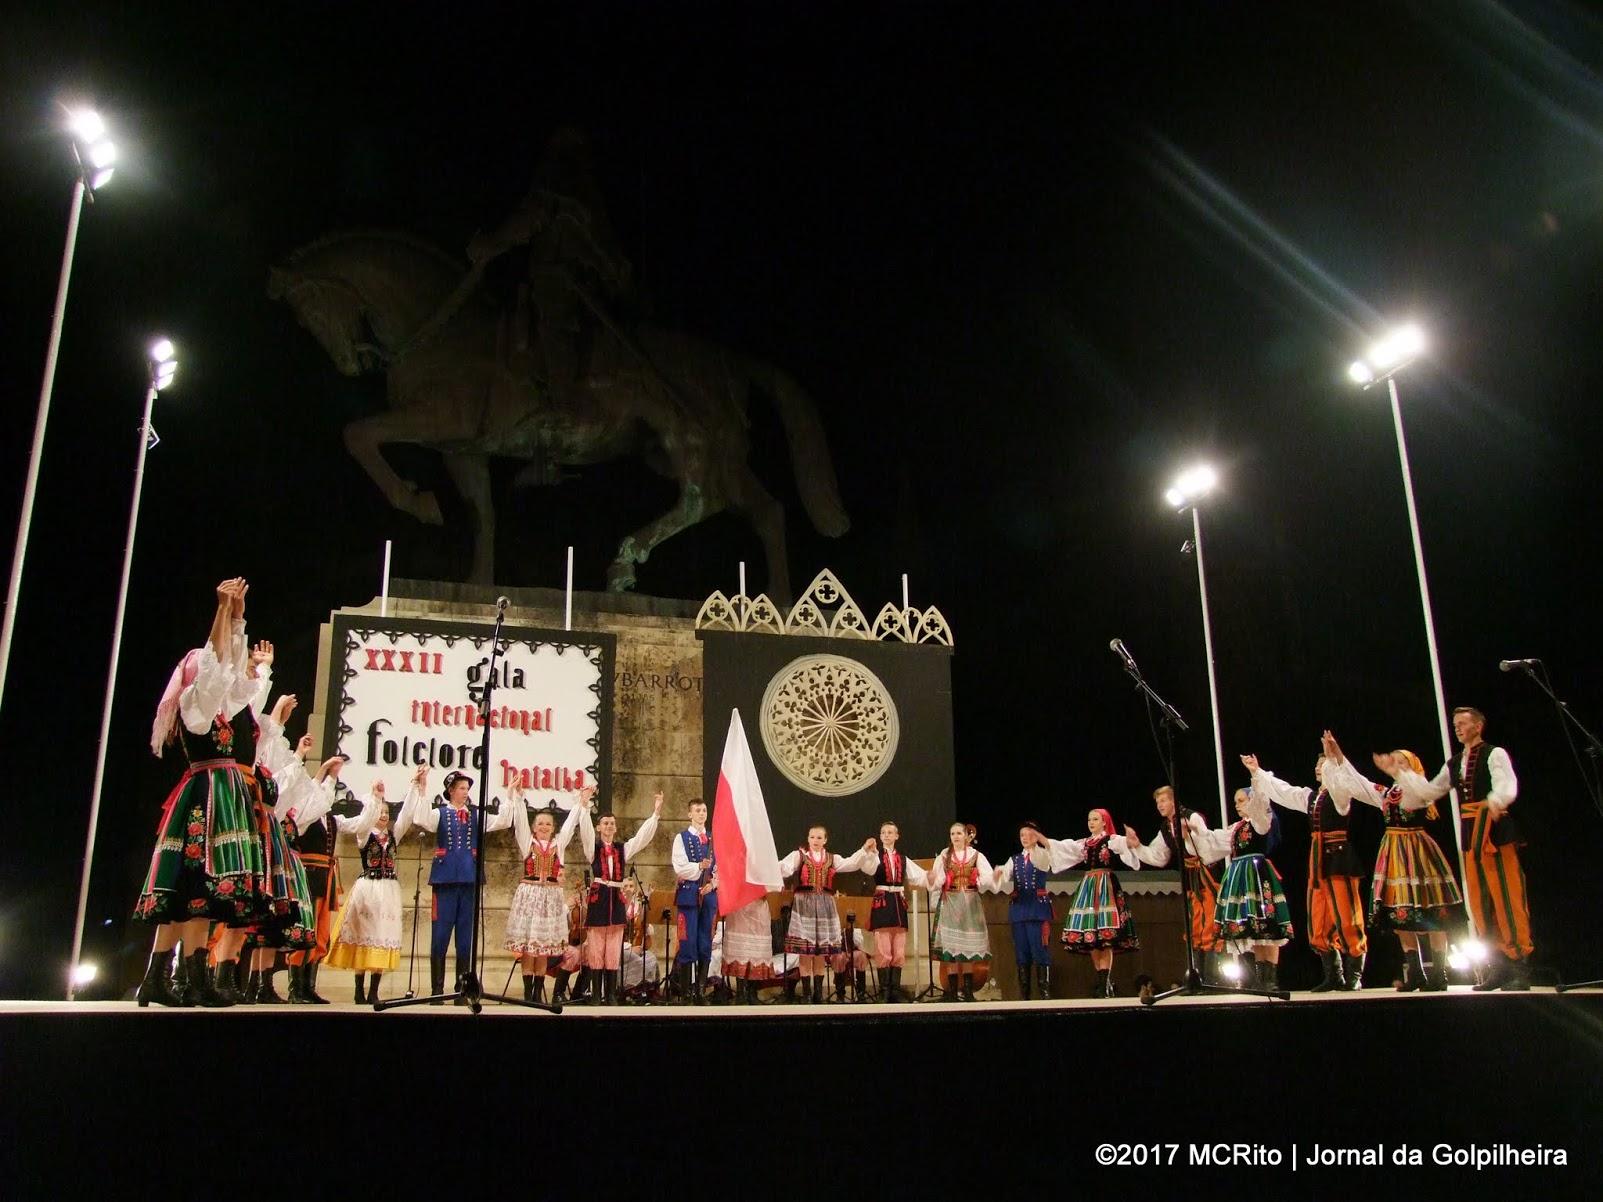 Gala de Folclore da Batalha:Um grandioso espectáculo de cultura mundial